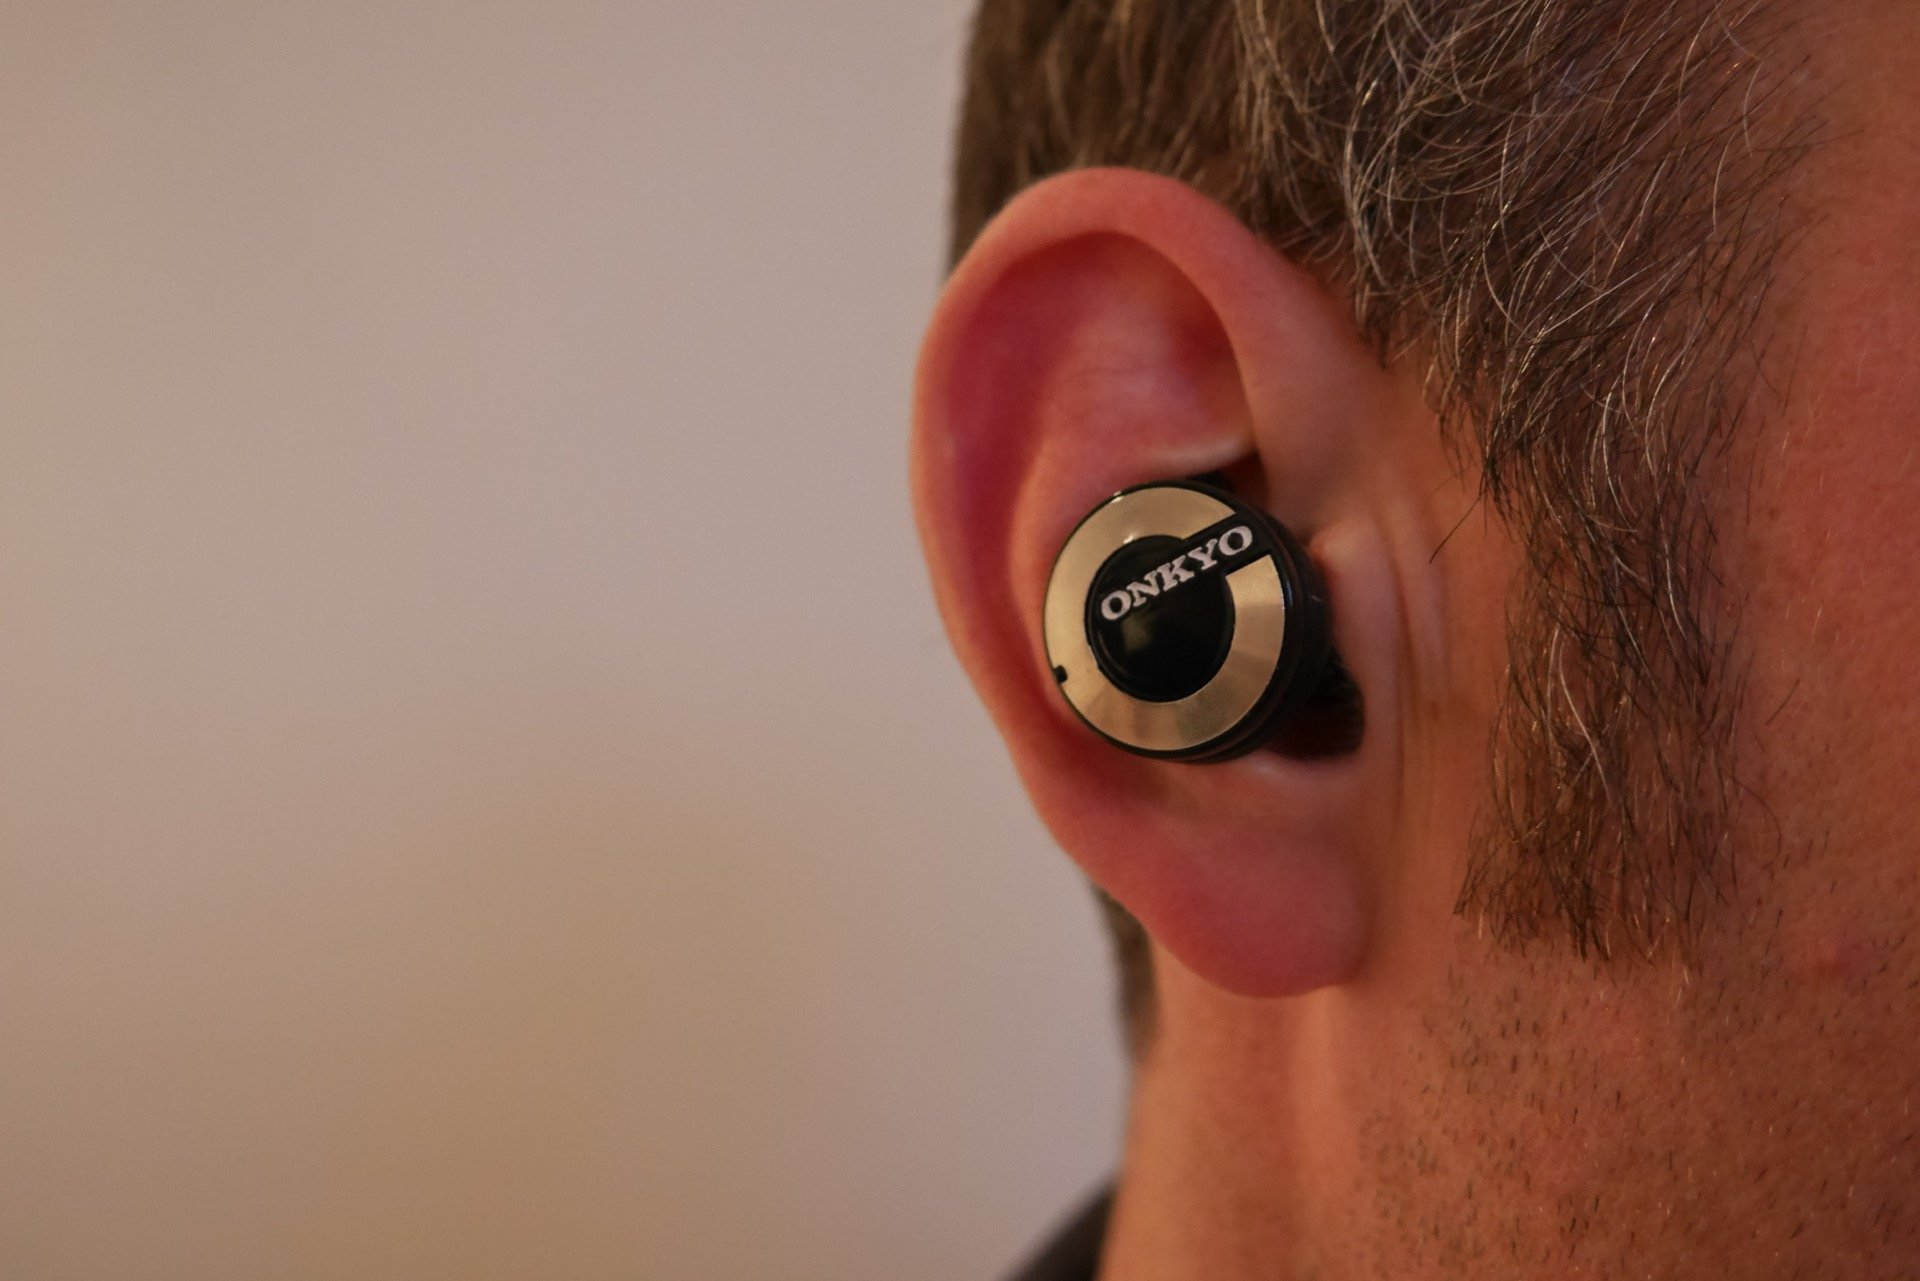 onkyo w800bt. onkyo w800bt wireless in-ear headphones review - hands on w800bt